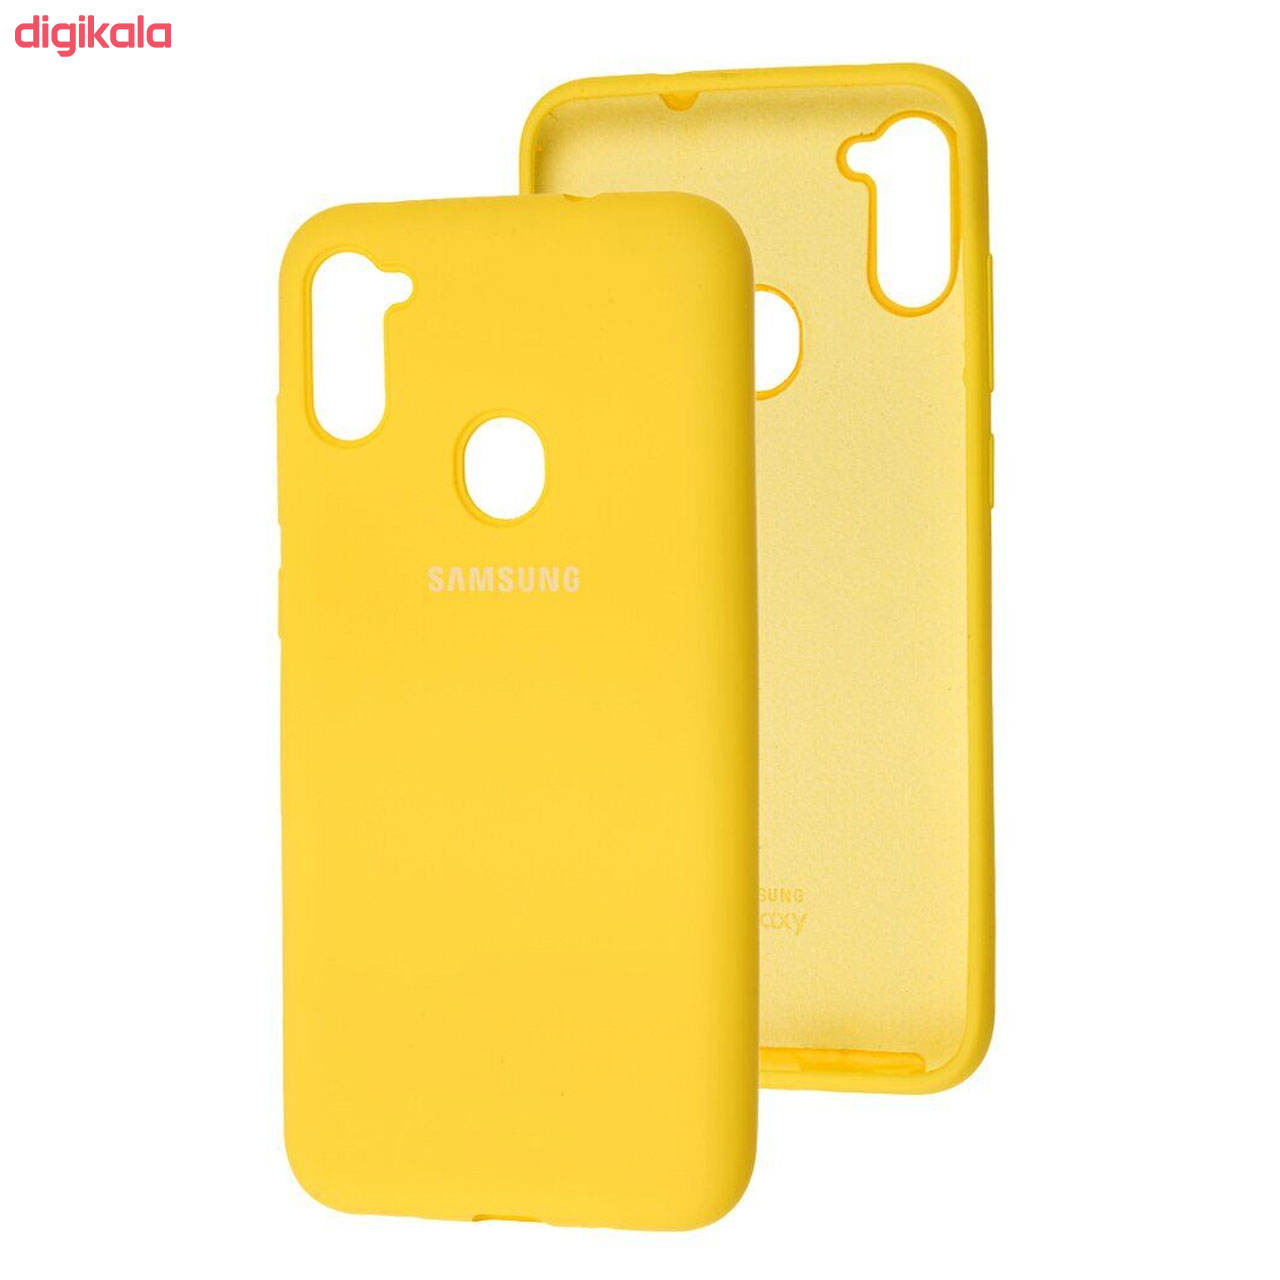 کاور مدل SLCN مناسب برای گوشی موبایل سامسونگ Galaxy A11 main 1 15